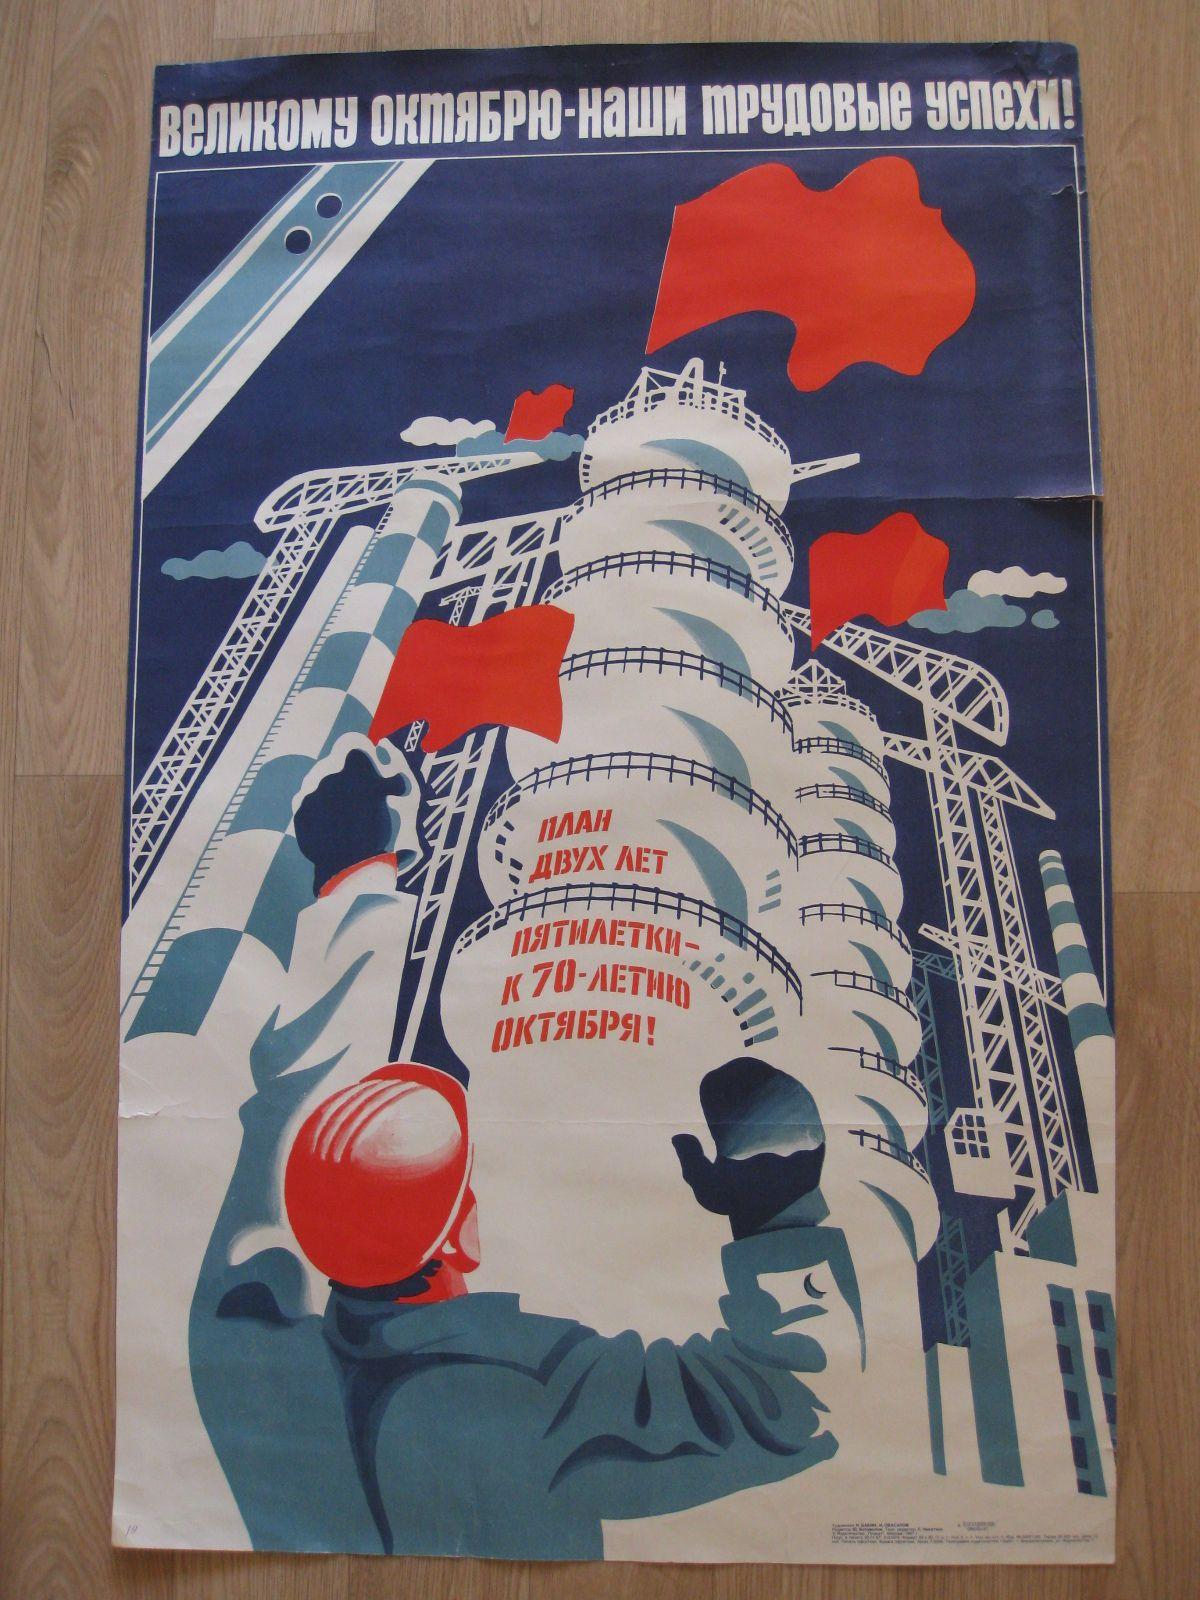 Original Vtg 1987 Big Soviet Russian USSR Industrial Propaganda Poster Space | eBay